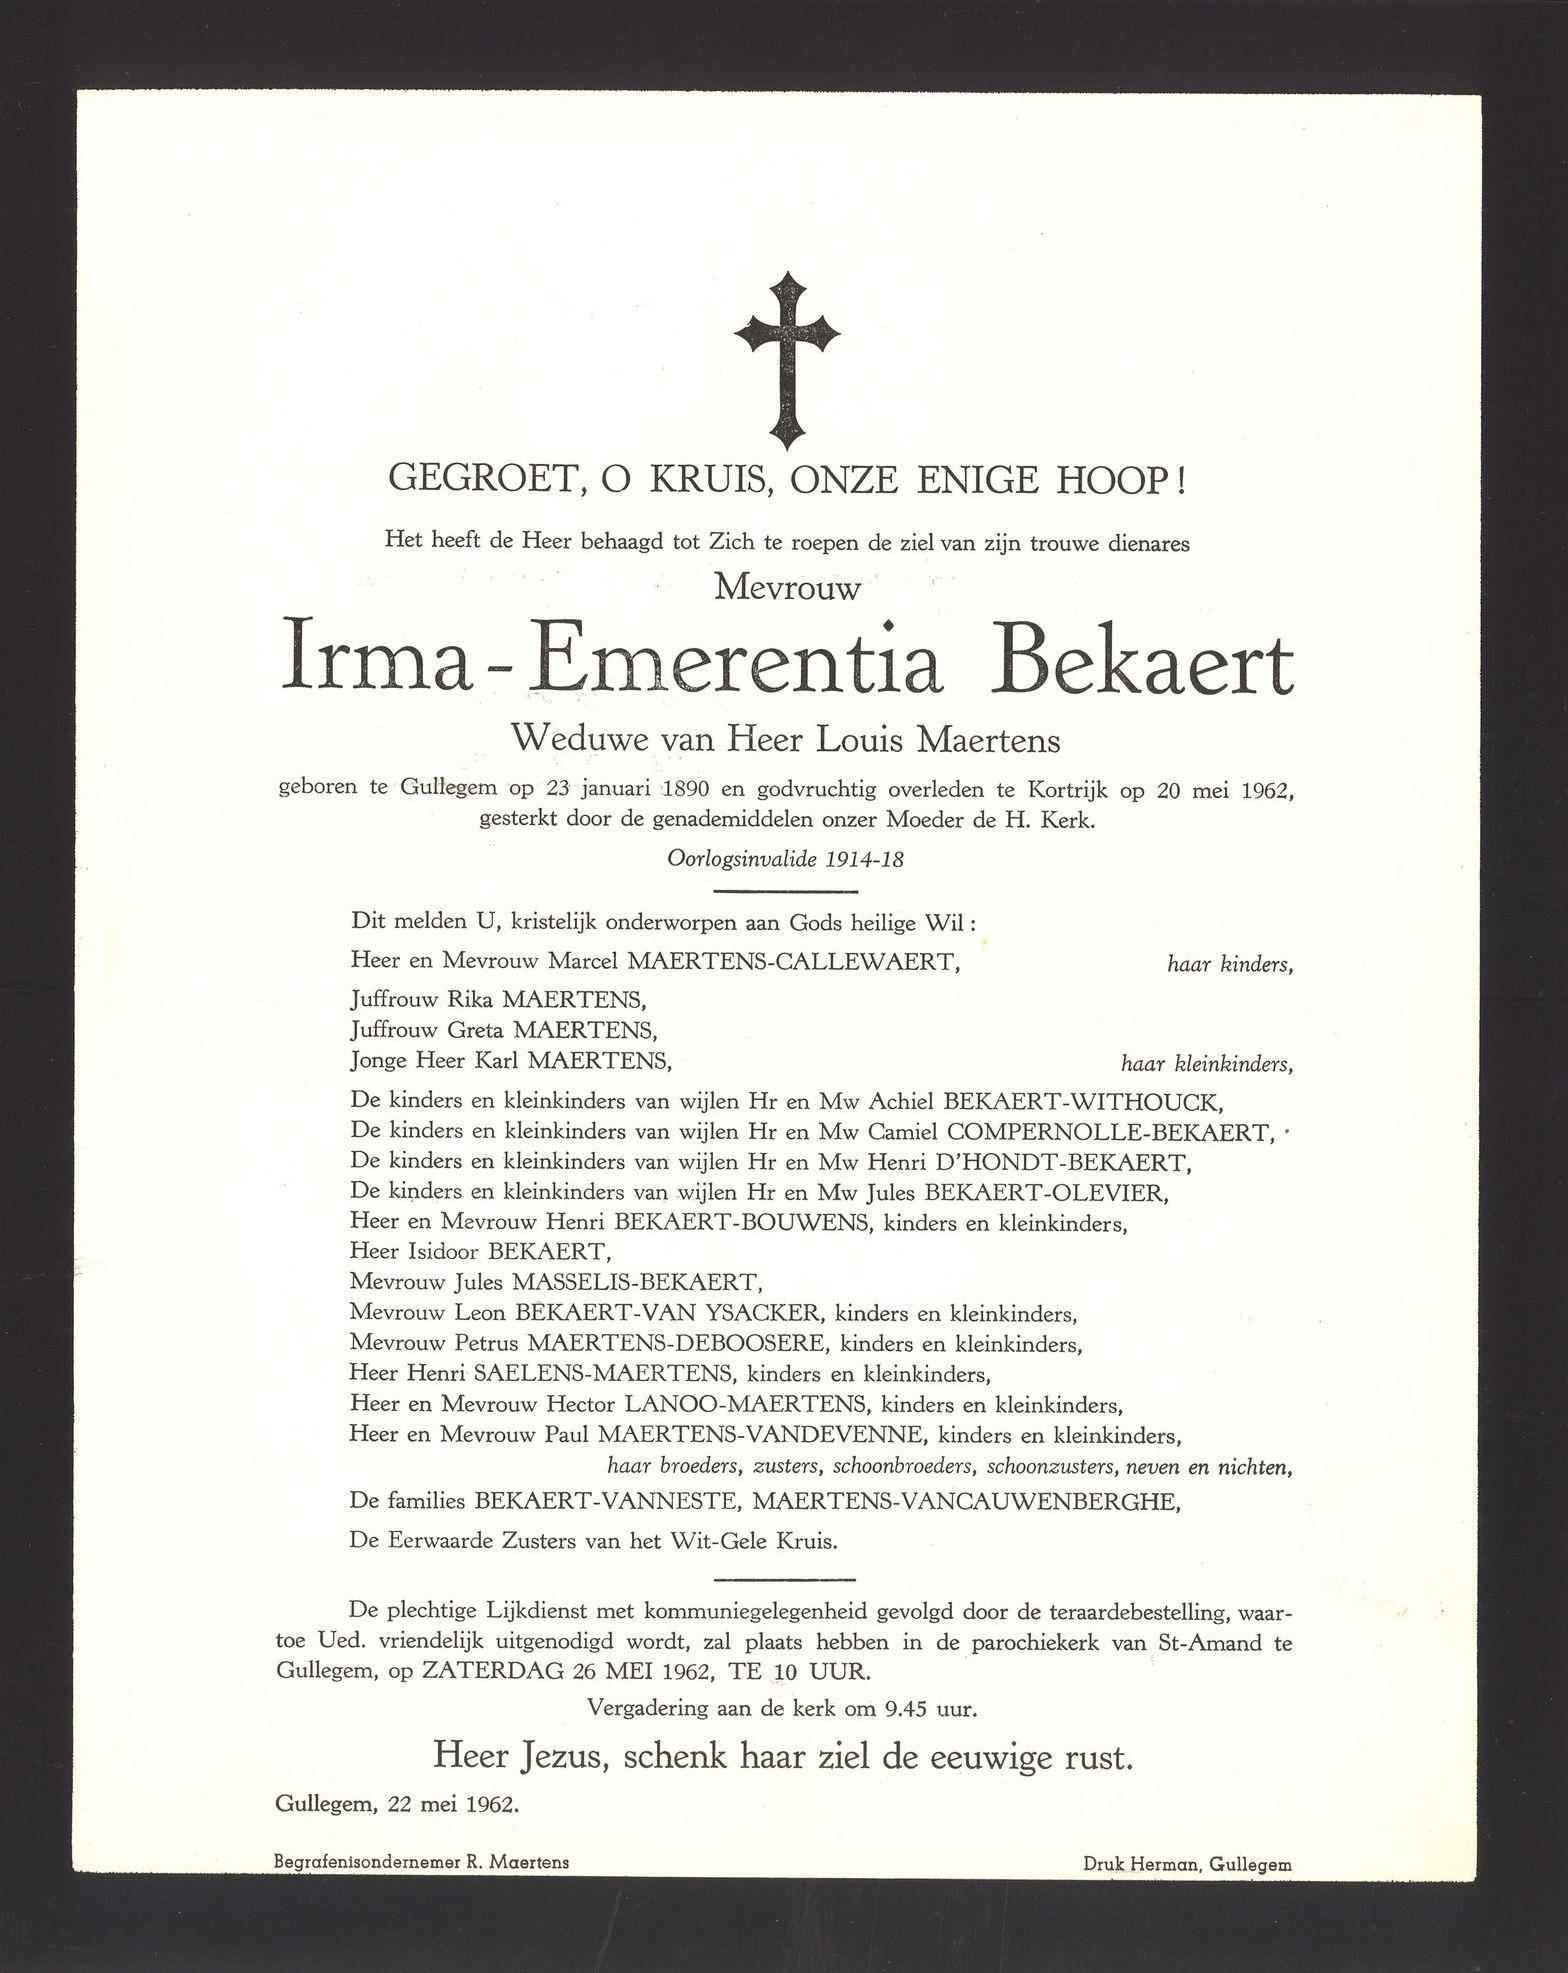 Irma-Emerentia Bekaert